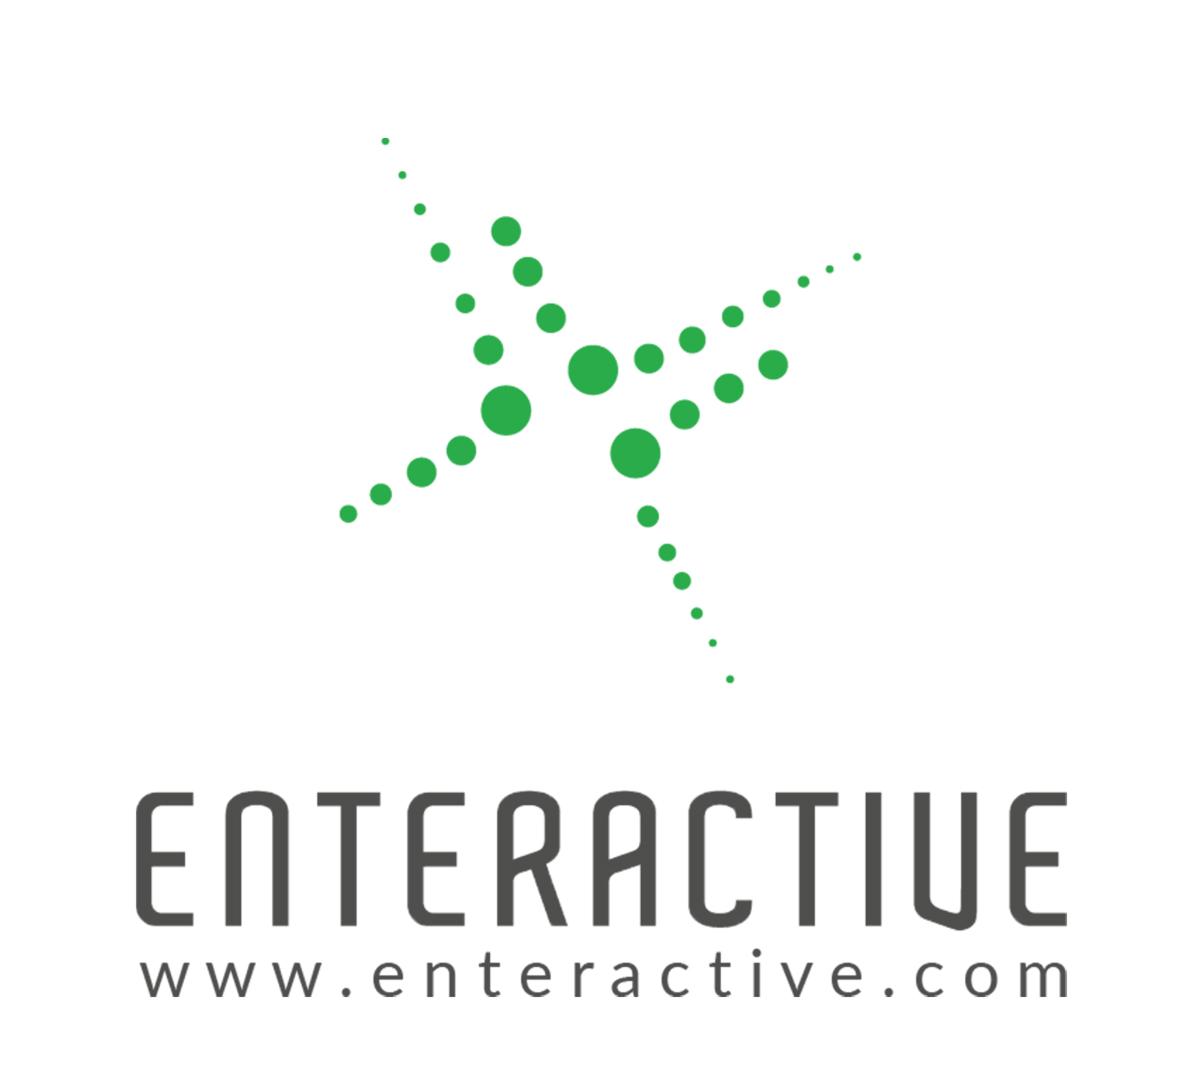 Enteractive Ltd